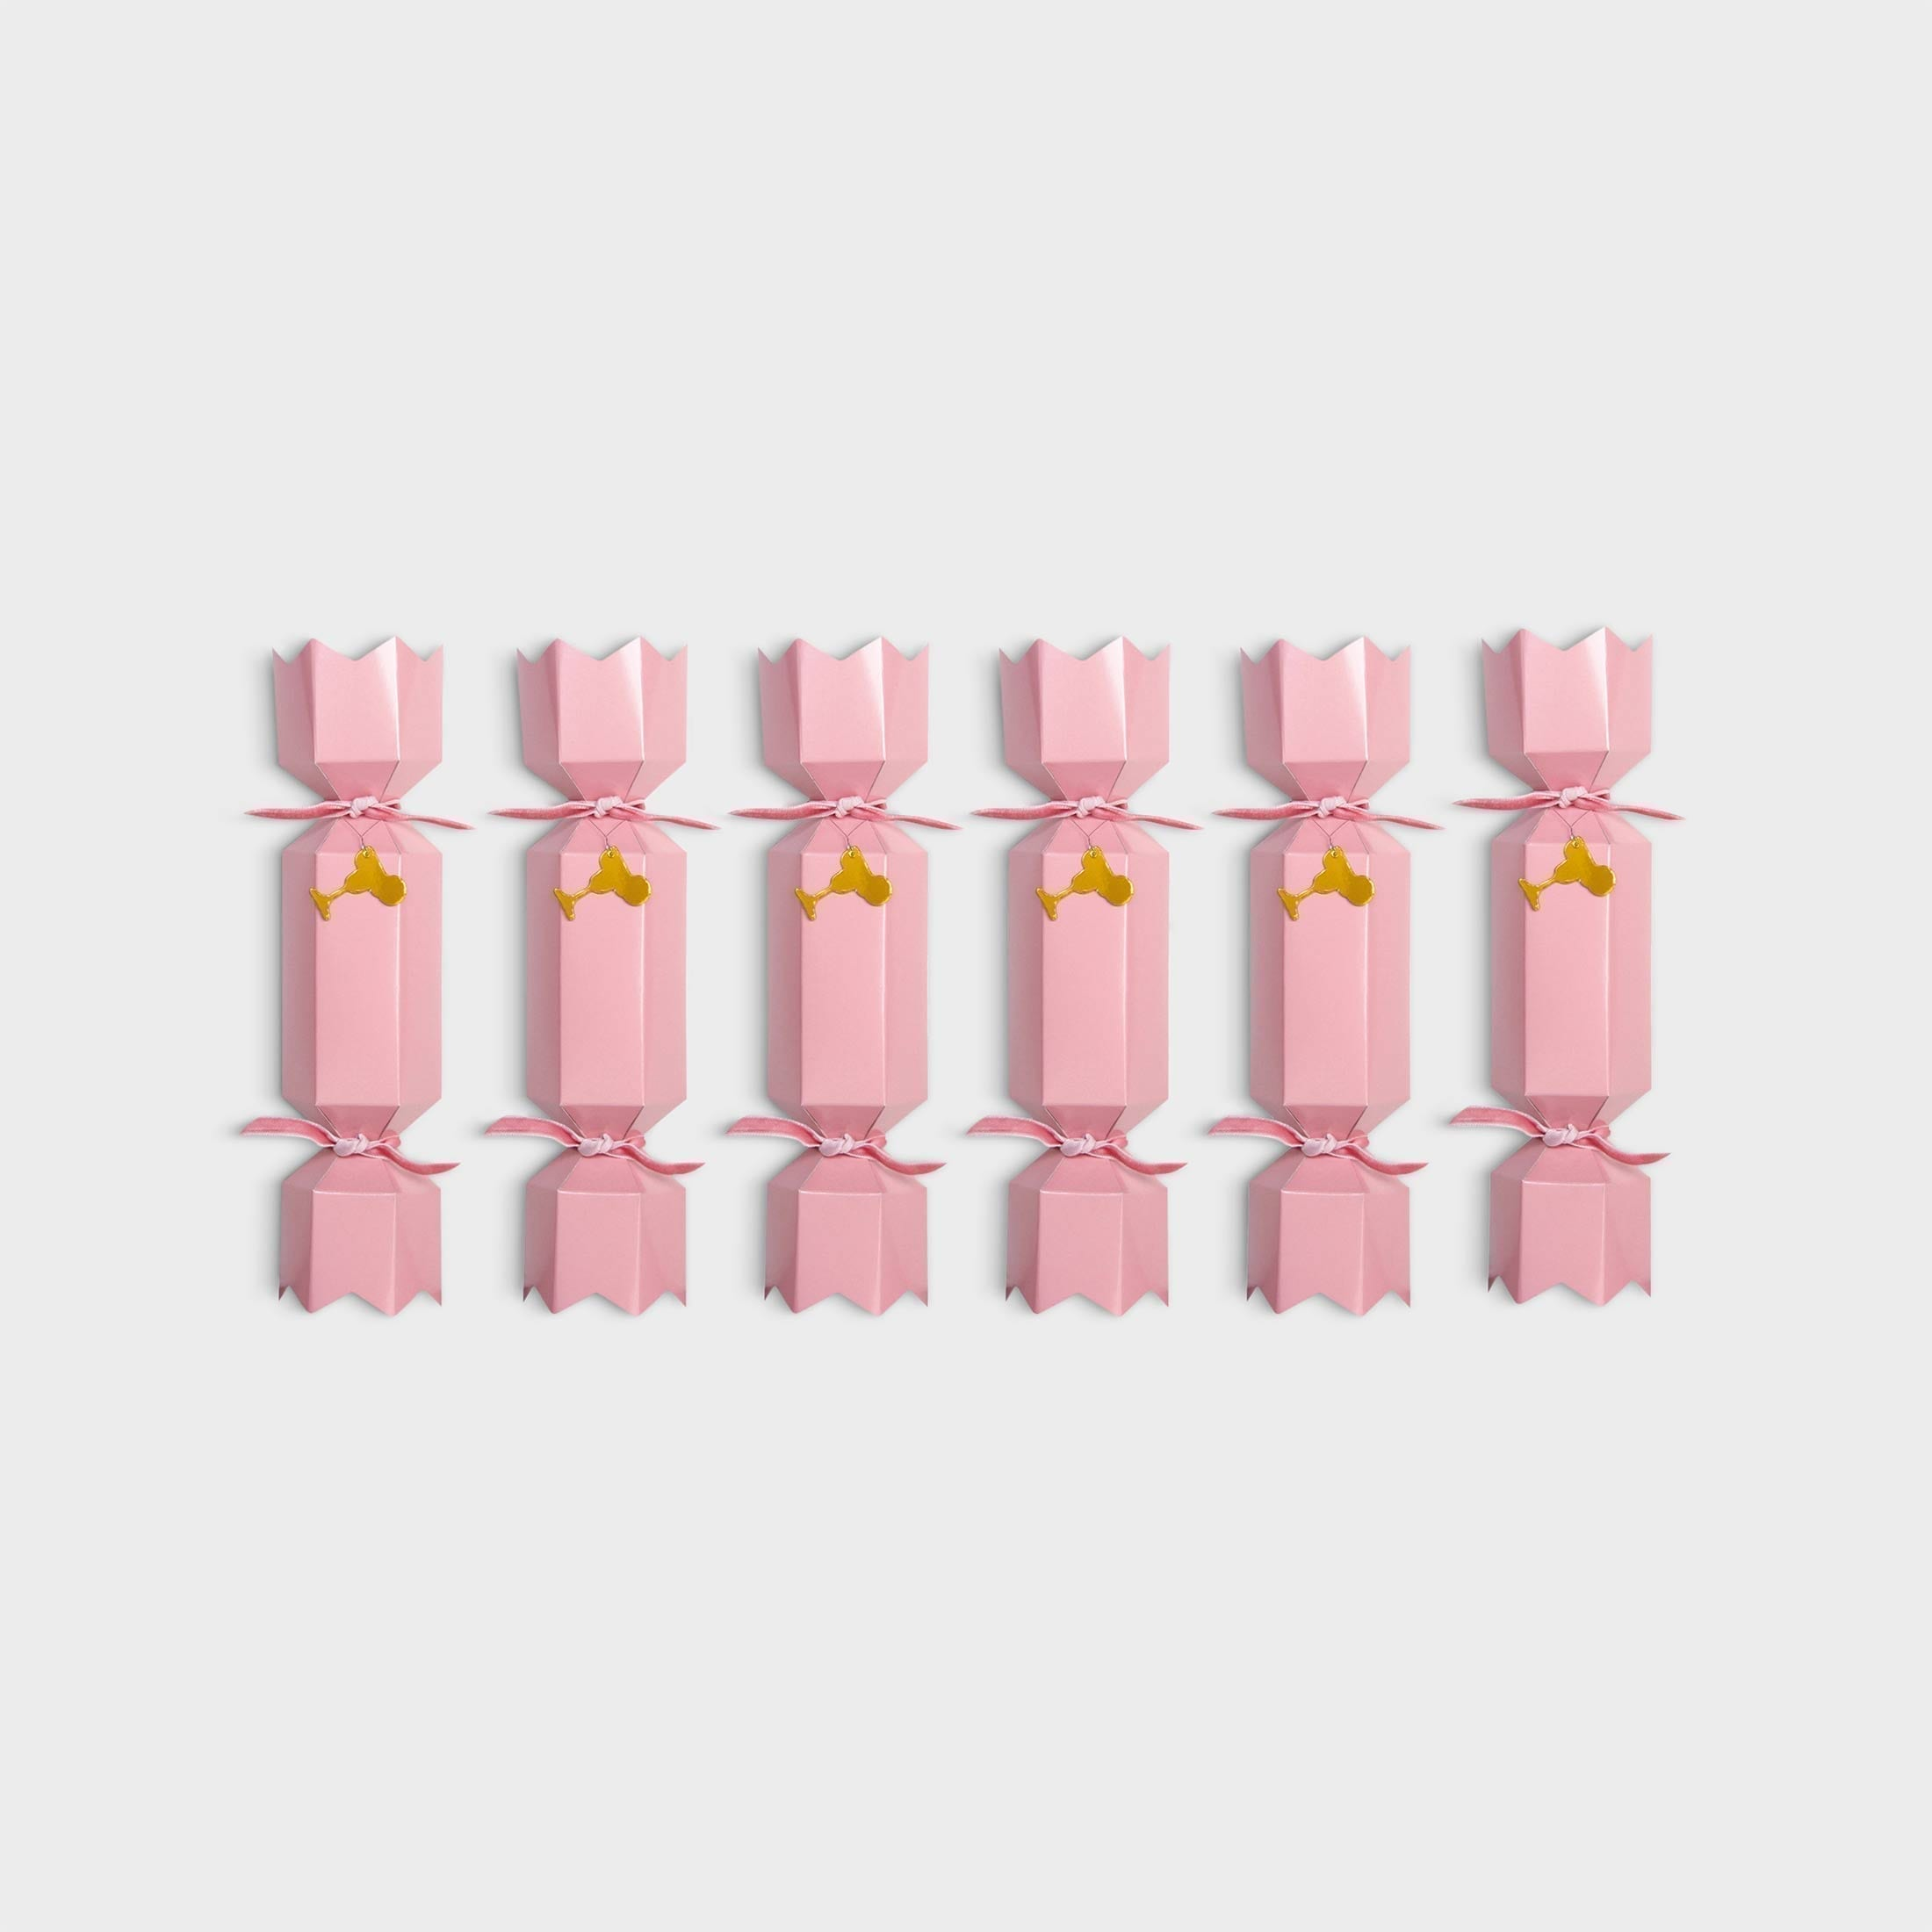 Knallbonbon mit Überraschung für Silvester von der Marke Klevering. Entdecke die lustige Tischdeko für die ganze Familie